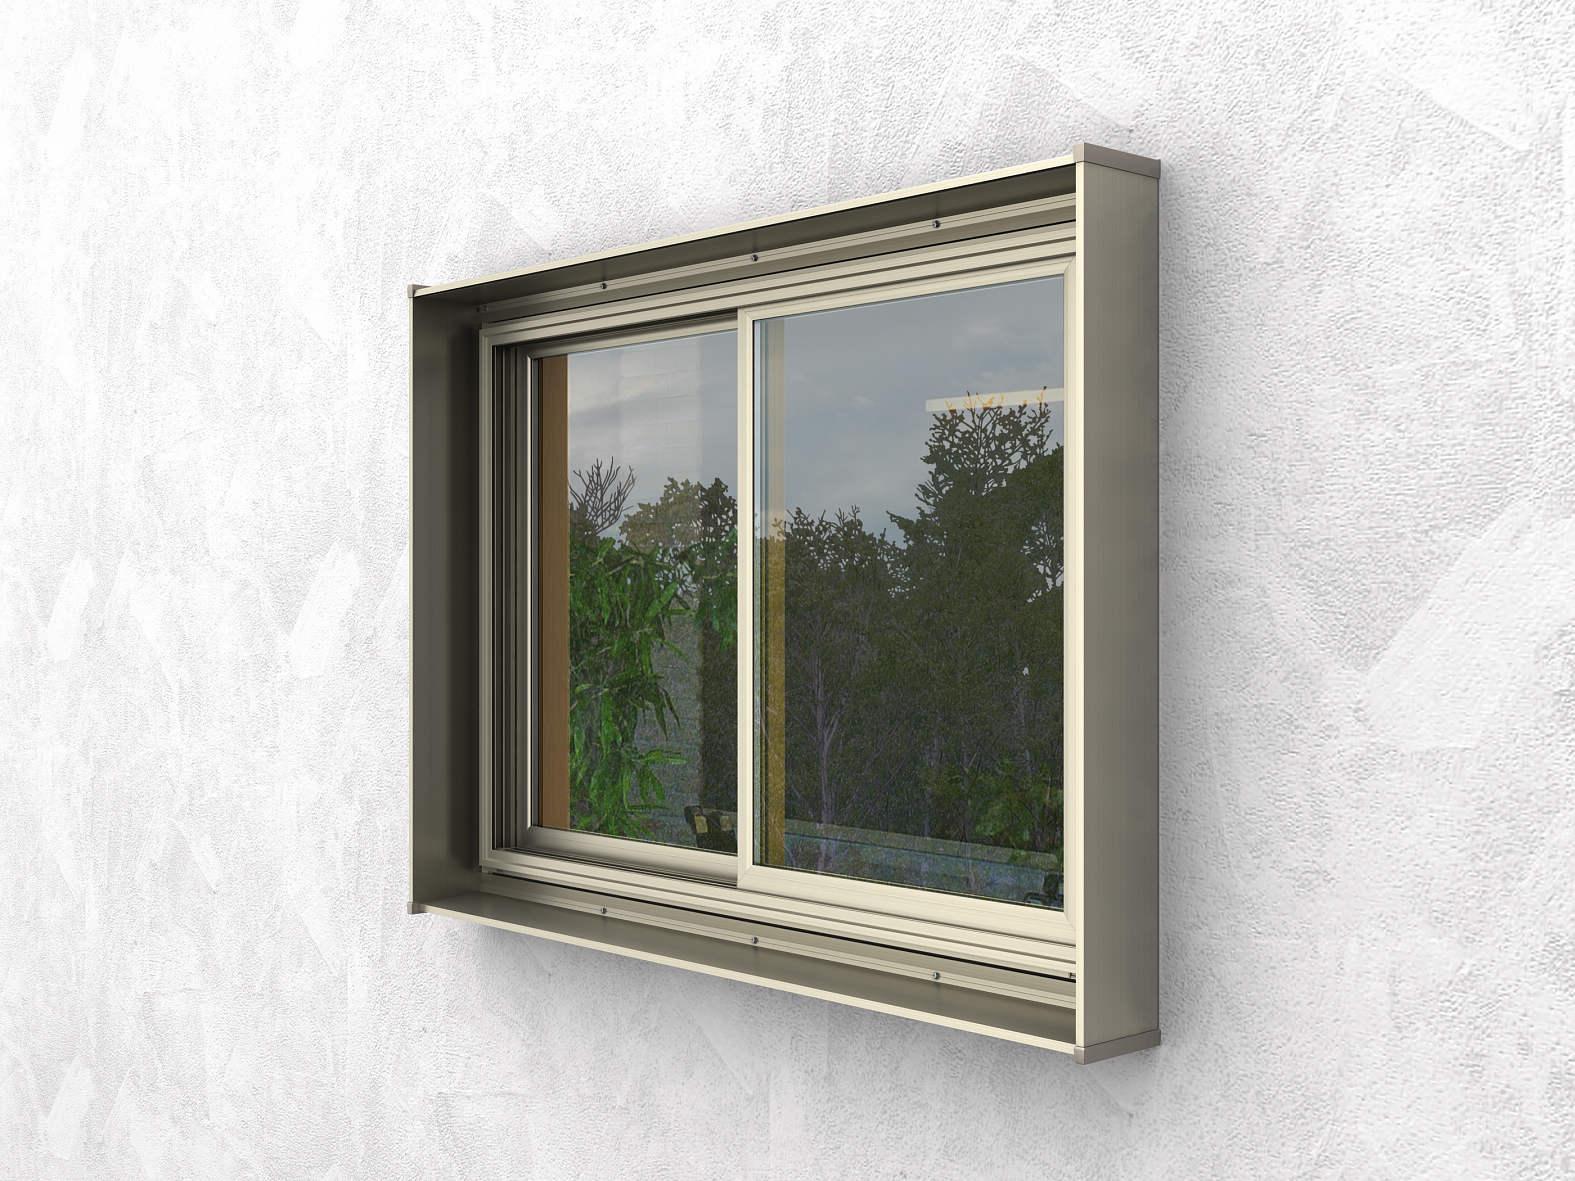 注目のブランド 口の字 アルミ色:[幅1745mm×高1532mm]:ノース&ウエスト YKKAP窓まわり キューブシェード ひさし-木材・建築資材・設備